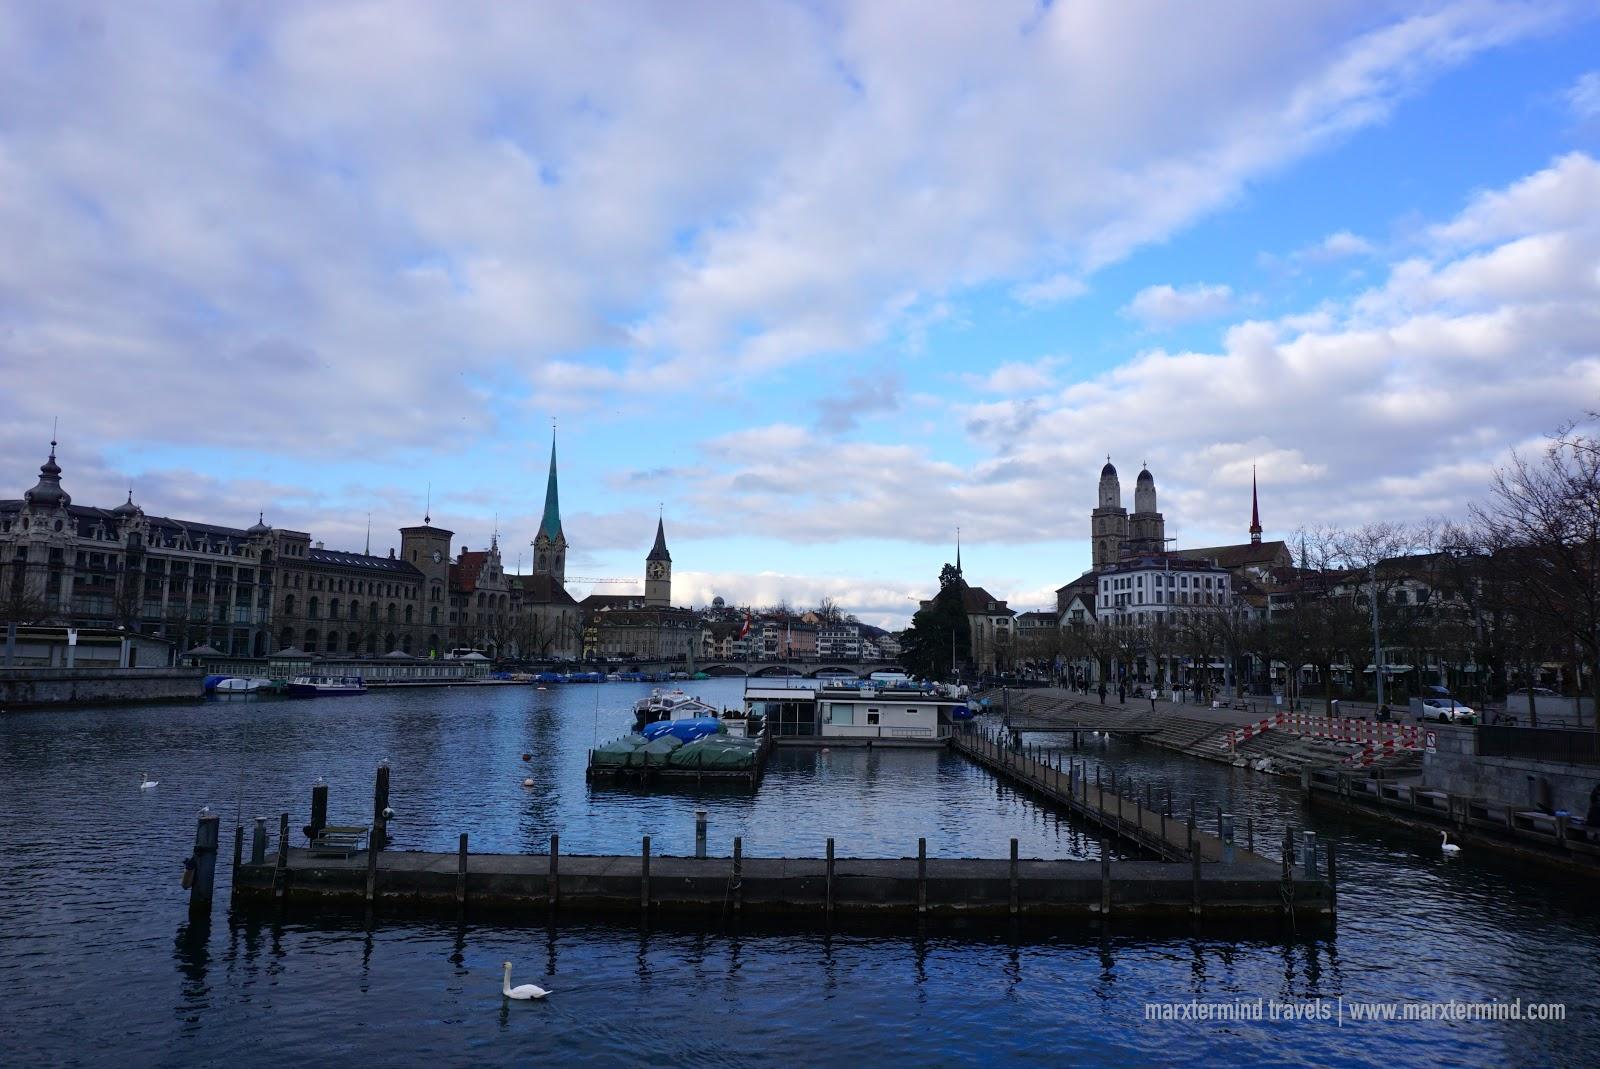 Layover in Zurich